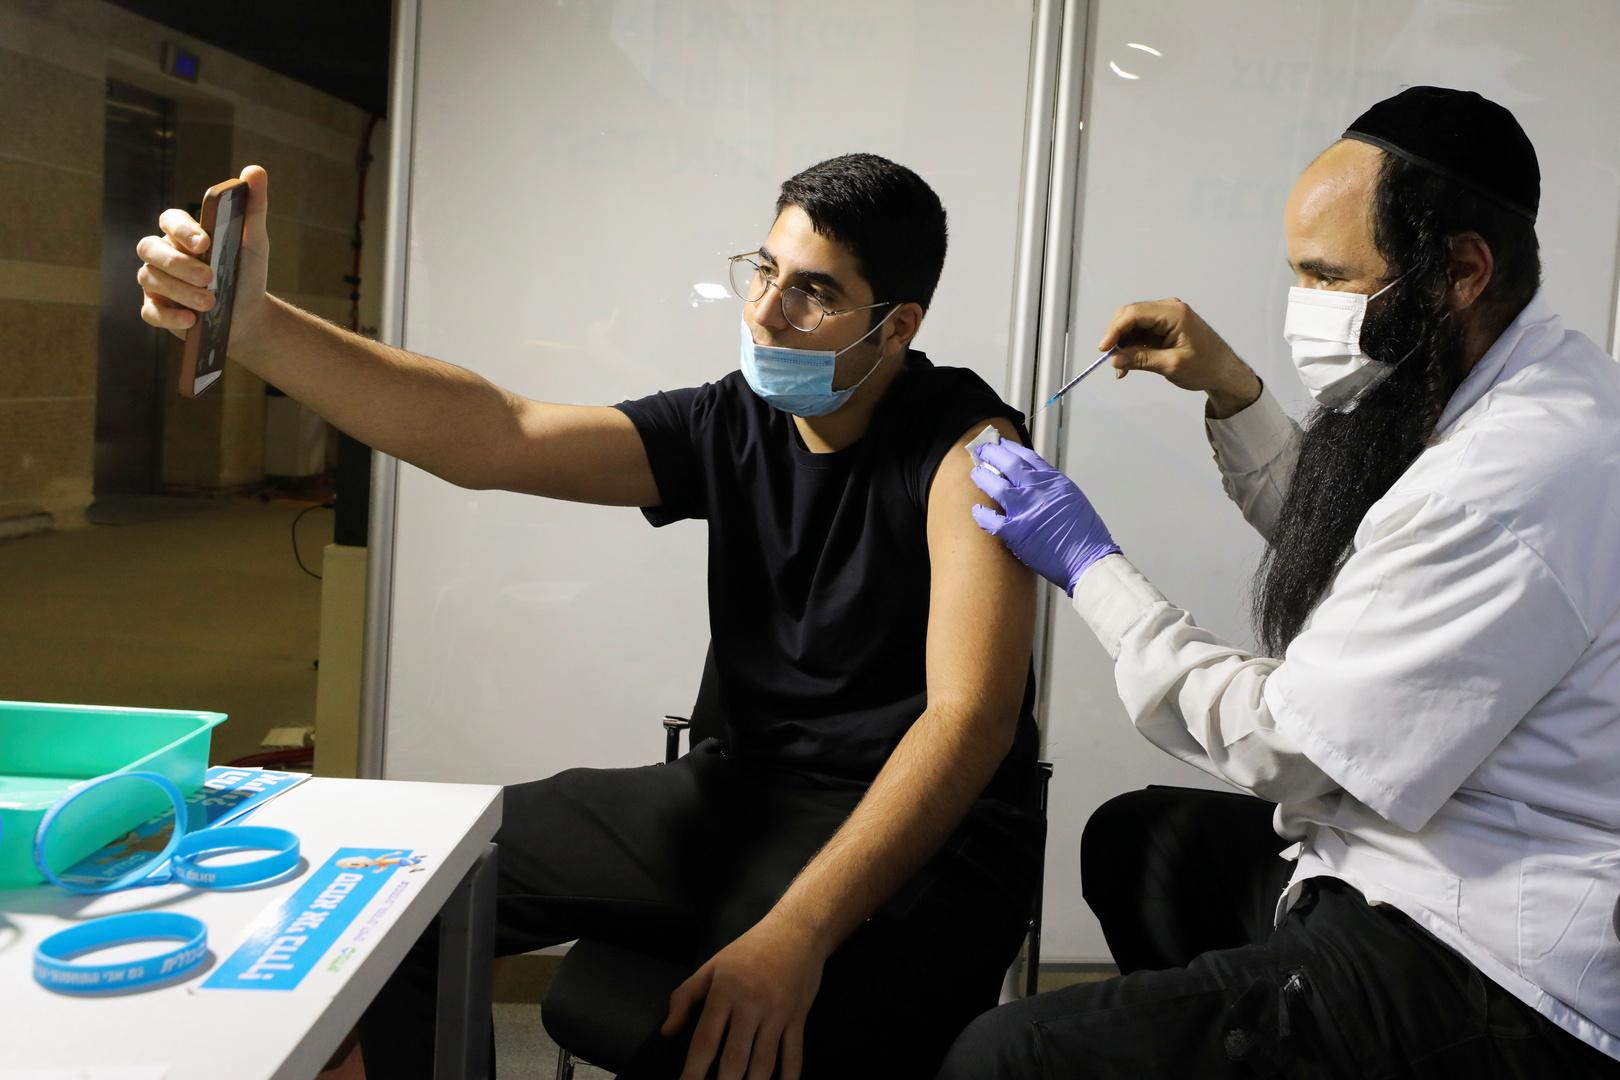 وزارة الصحة: 50% من الإسرائيليين تلقوا الجرعة الأولى من لقاح كورونا